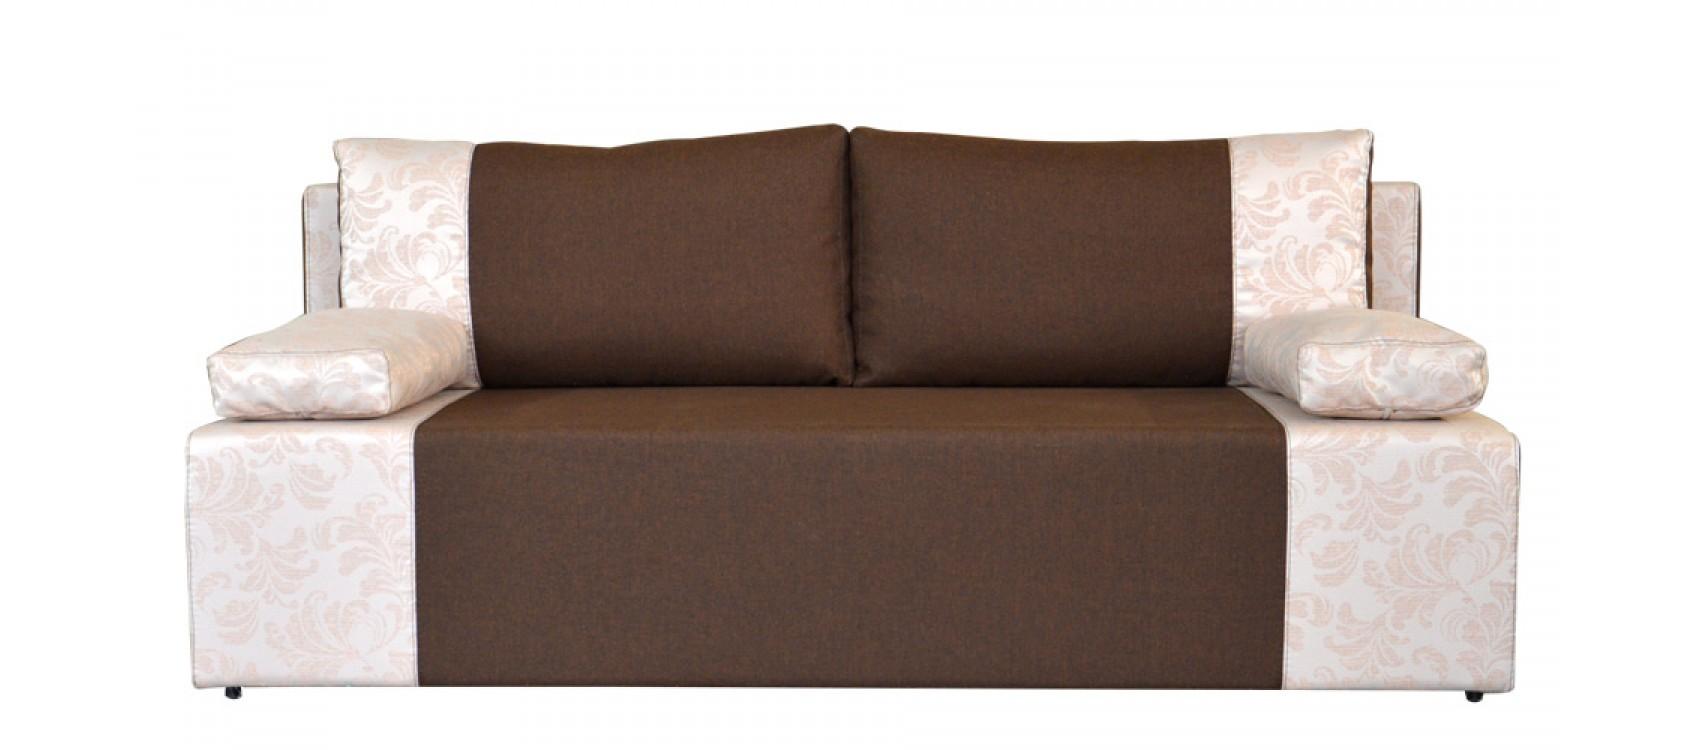 Sofa VITO фото 4